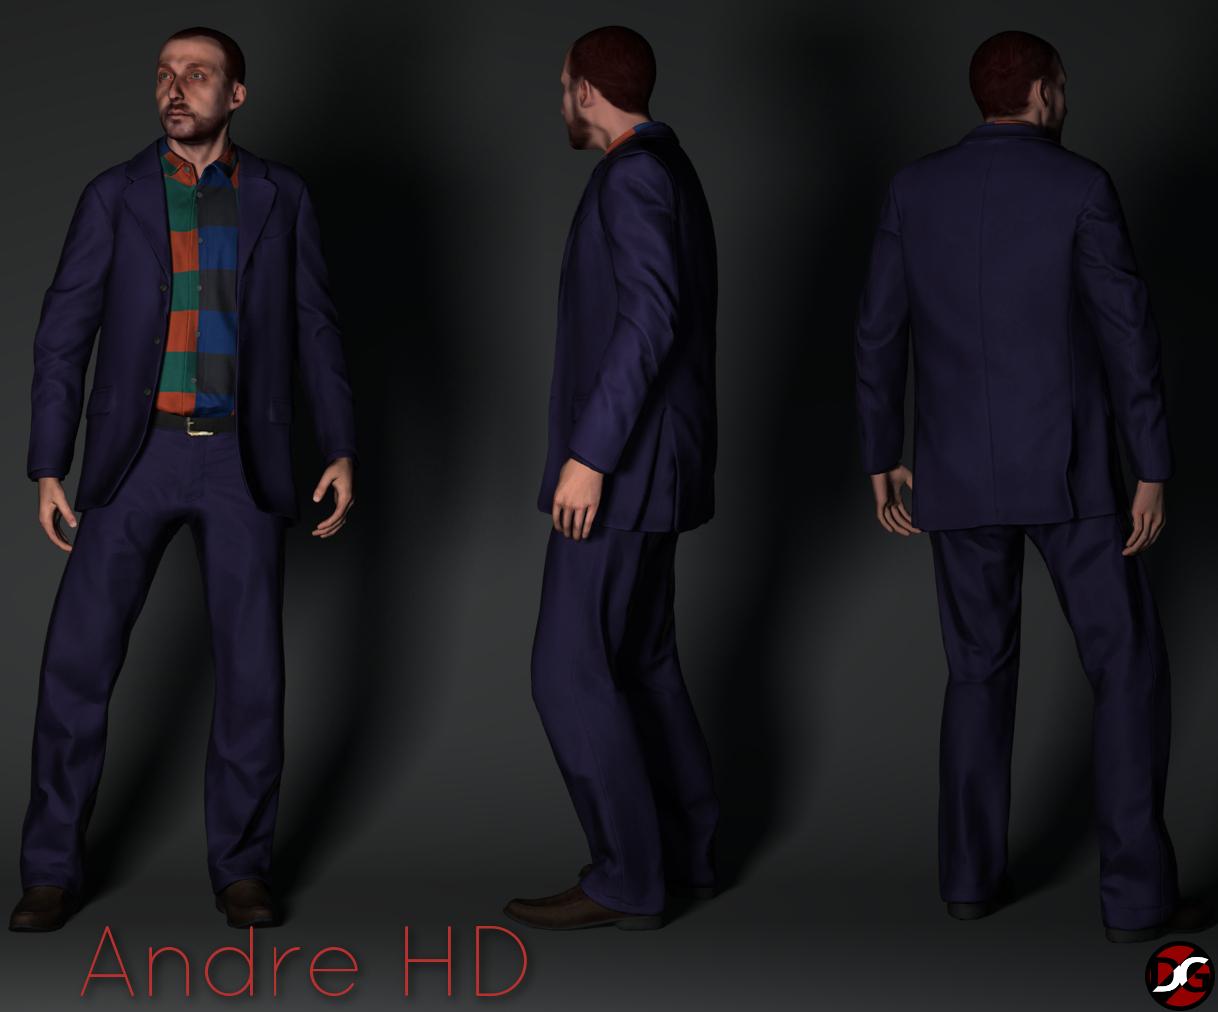 Andre HD gta 0